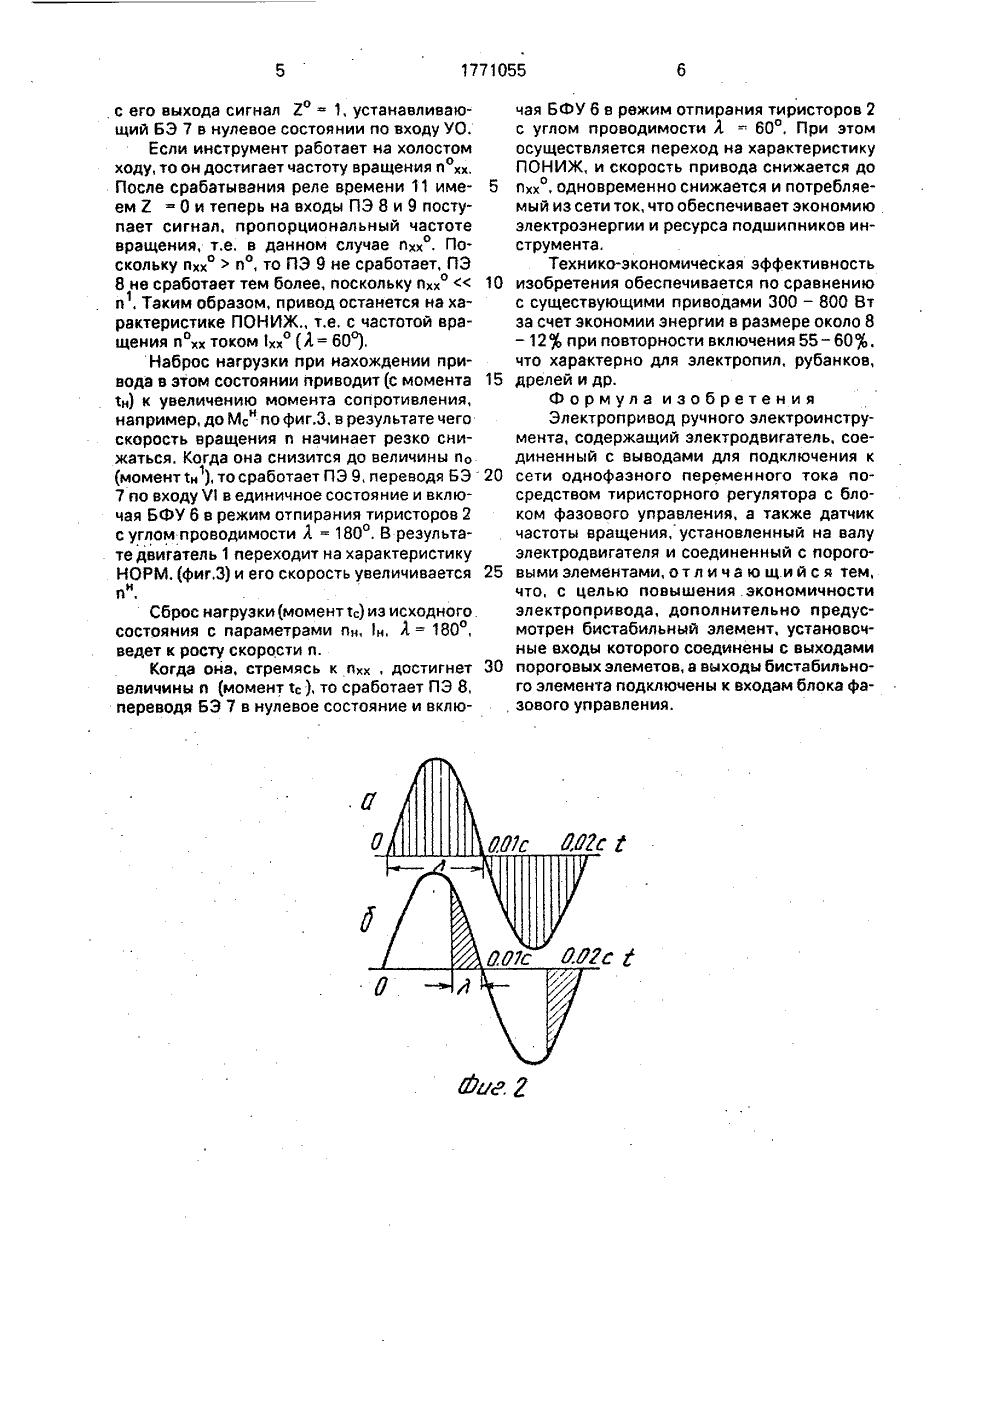 схема подключения ручного электроинструмента